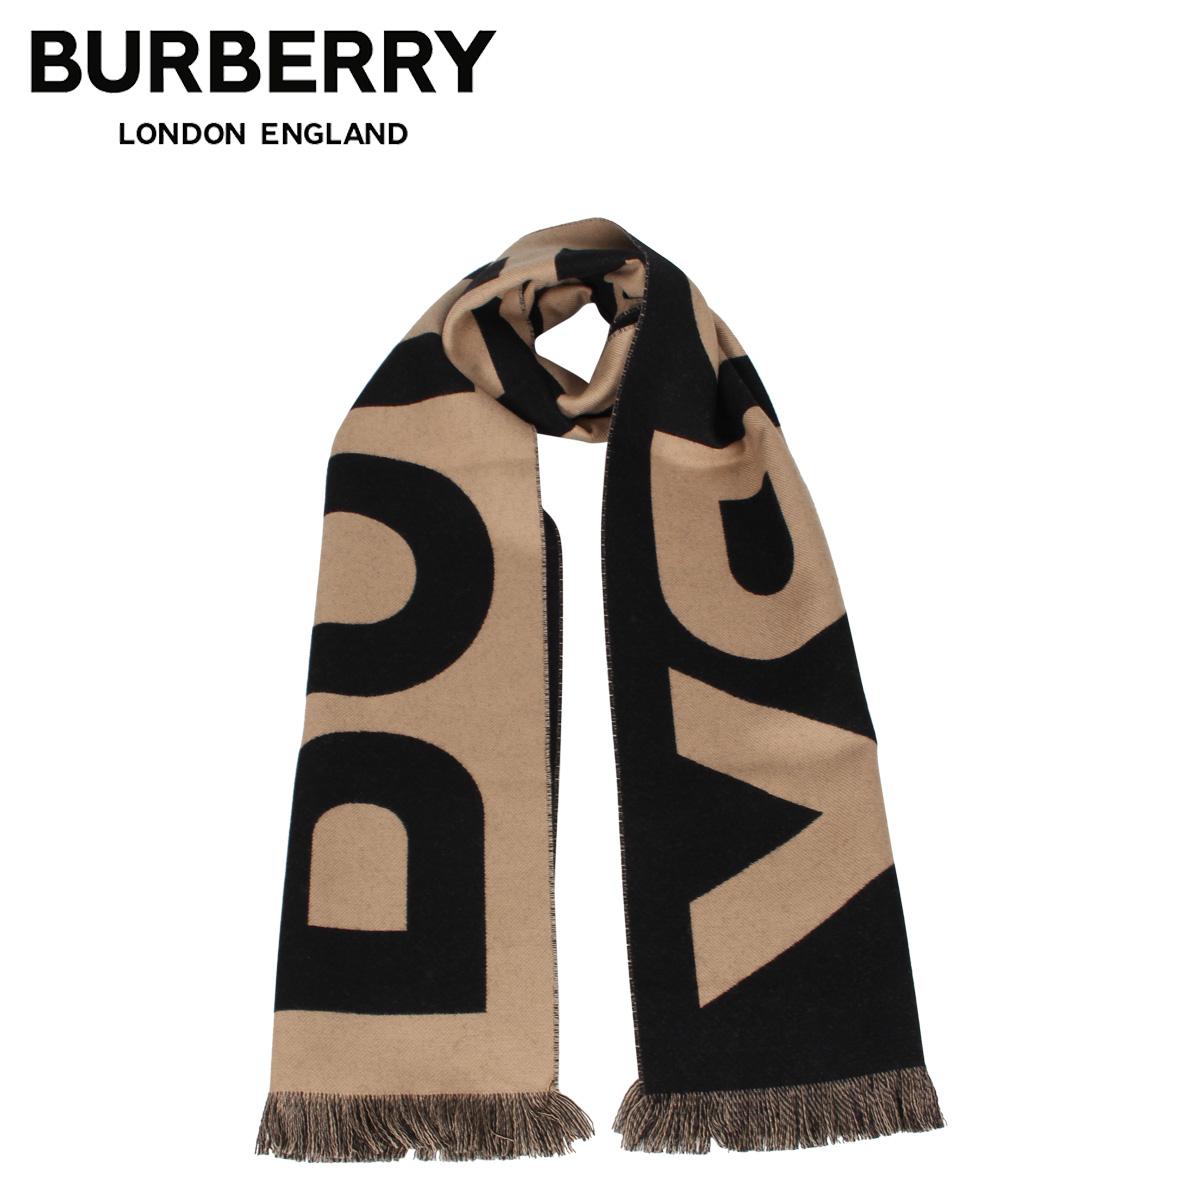 BURBERRY バーバリー マフラー スカーフ メンズ レディース ウール シルク MUFFLER ブラウン 8025583